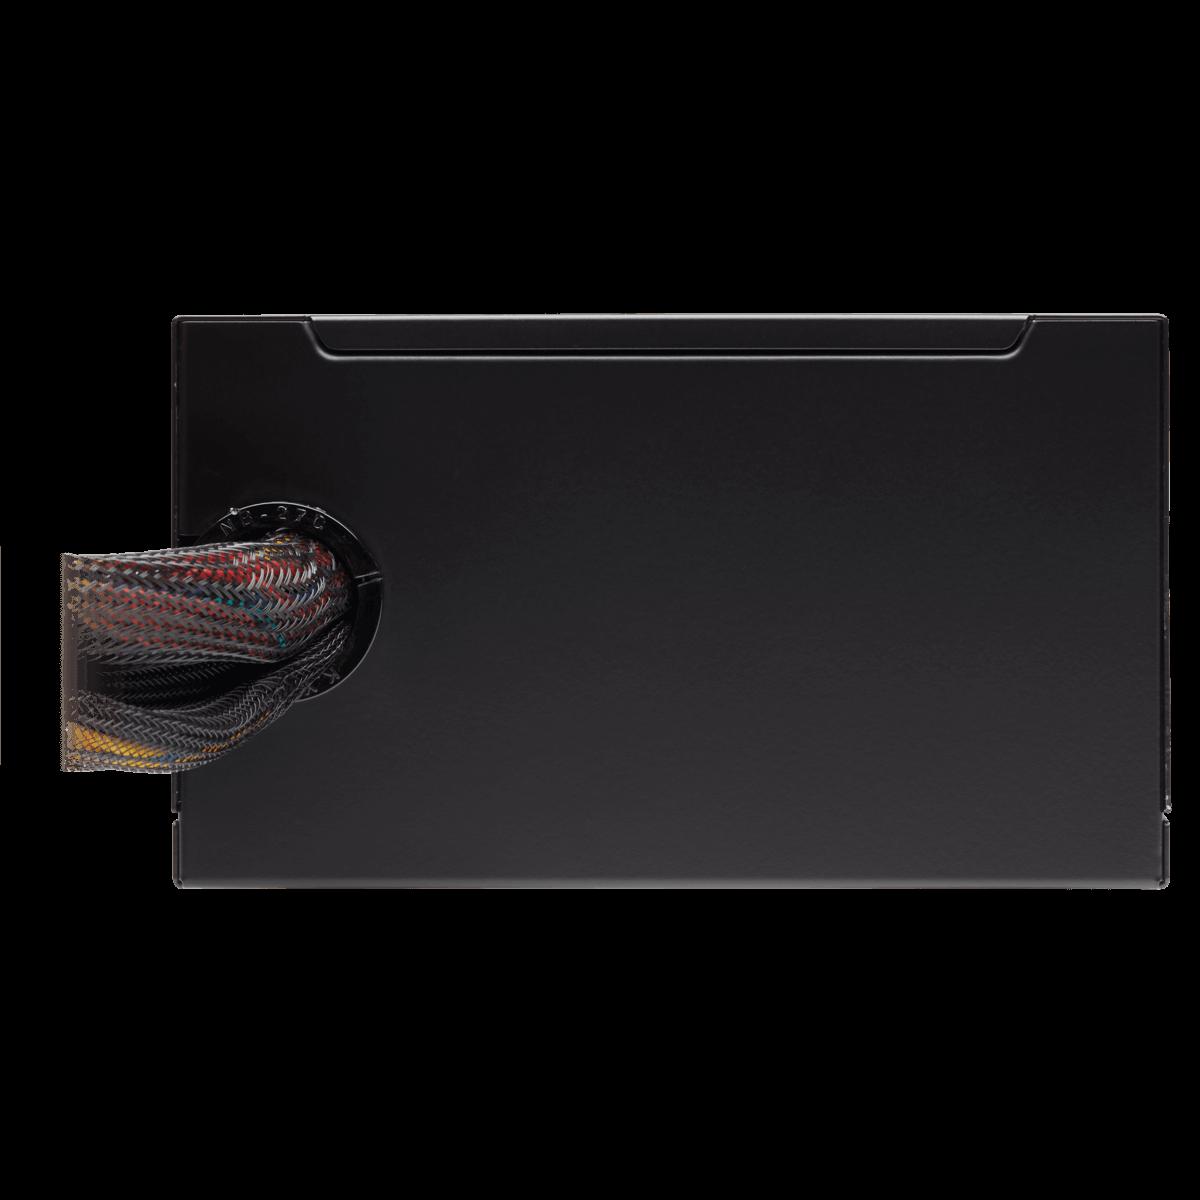 Fonte Corsair VS450 450W CP-9020049-WW 80 Plus White